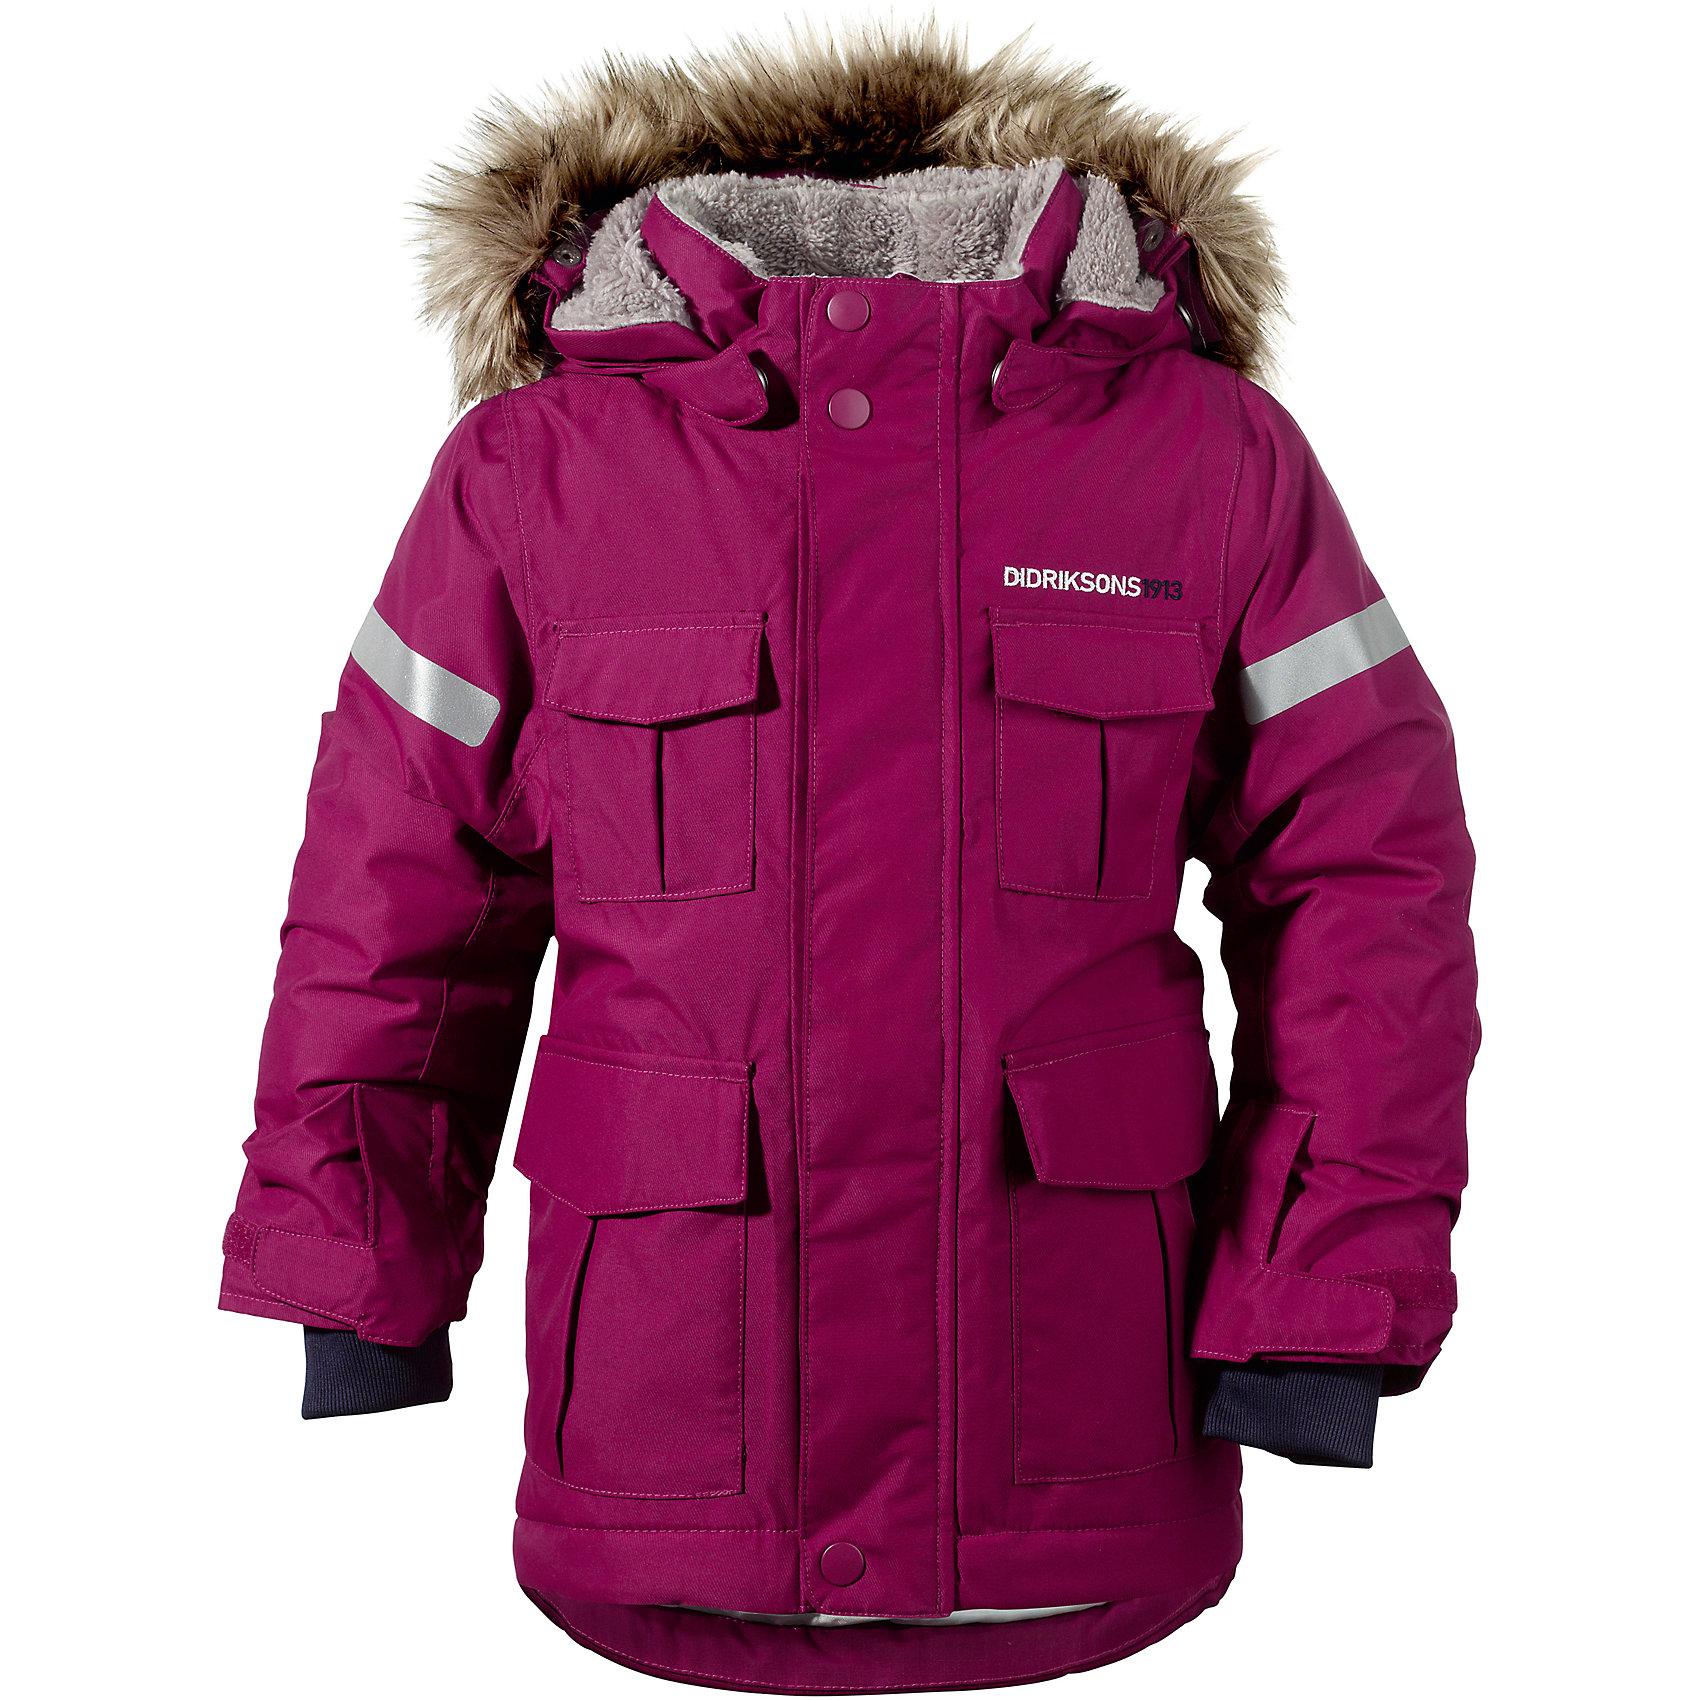 Куртка-парка Nokosi для девочки DIDRIKSONSХарактеристики товара:<br><br>• цвет: фиолетовый<br>• материал: 100% полиамид, подкладка 100% полиэстер<br>• утеплитель: 160 г/м<br>• сезон: зима<br>• температурный режим от +5 до -20С<br>• непромокаемая и непродуваемая мембранная ткань<br>• на спине подкладка из искусственного меха<br>• дополнительная пропитка верха<br>• прокленные швы<br>• регулируемый съемный капюшон<br>• ширина рукавов регулируется<br>• съемный мех на капюшоне<br>• внутренние трикотажные манжеты<br>• фронтальная молния под планкой<br>• светоотражающие детали<br>• можно увеличить длину рукавов на один размер <br>• страна бренда: Швеция<br>• страна производства: Бангладеш<br><br>Куртки парки сейчас на пике молодежной моды! Это не только стильно, но еще и очень комфортно, а также тепло. Эта качественная парка обеспечит ребенку удобство при прогулках и активном отдыхе зимой. Такая модель от шведского производителя легко трансформируется под рост ребенка и погодные условия.<br>Парка сшита из мембранной ткани, которая позволяет телу дышать, но при этом не промокает и не продувается. Очень стильная и удобная модель! Изделие качественно выполнено, сделано из безопасных для детей материалов. <br><br>Куртку для девочки от бренда DIDRIKSONS можно купить в нашем интернет-магазине.<br><br>Ширина мм: 356<br>Глубина мм: 10<br>Высота мм: 245<br>Вес г: 519<br>Цвет: фиолетовый<br>Возраст от месяцев: 72<br>Возраст до месяцев: 84<br>Пол: Женский<br>Возраст: Детский<br>Размер: 120,80,90,100,110<br>SKU: 5003974